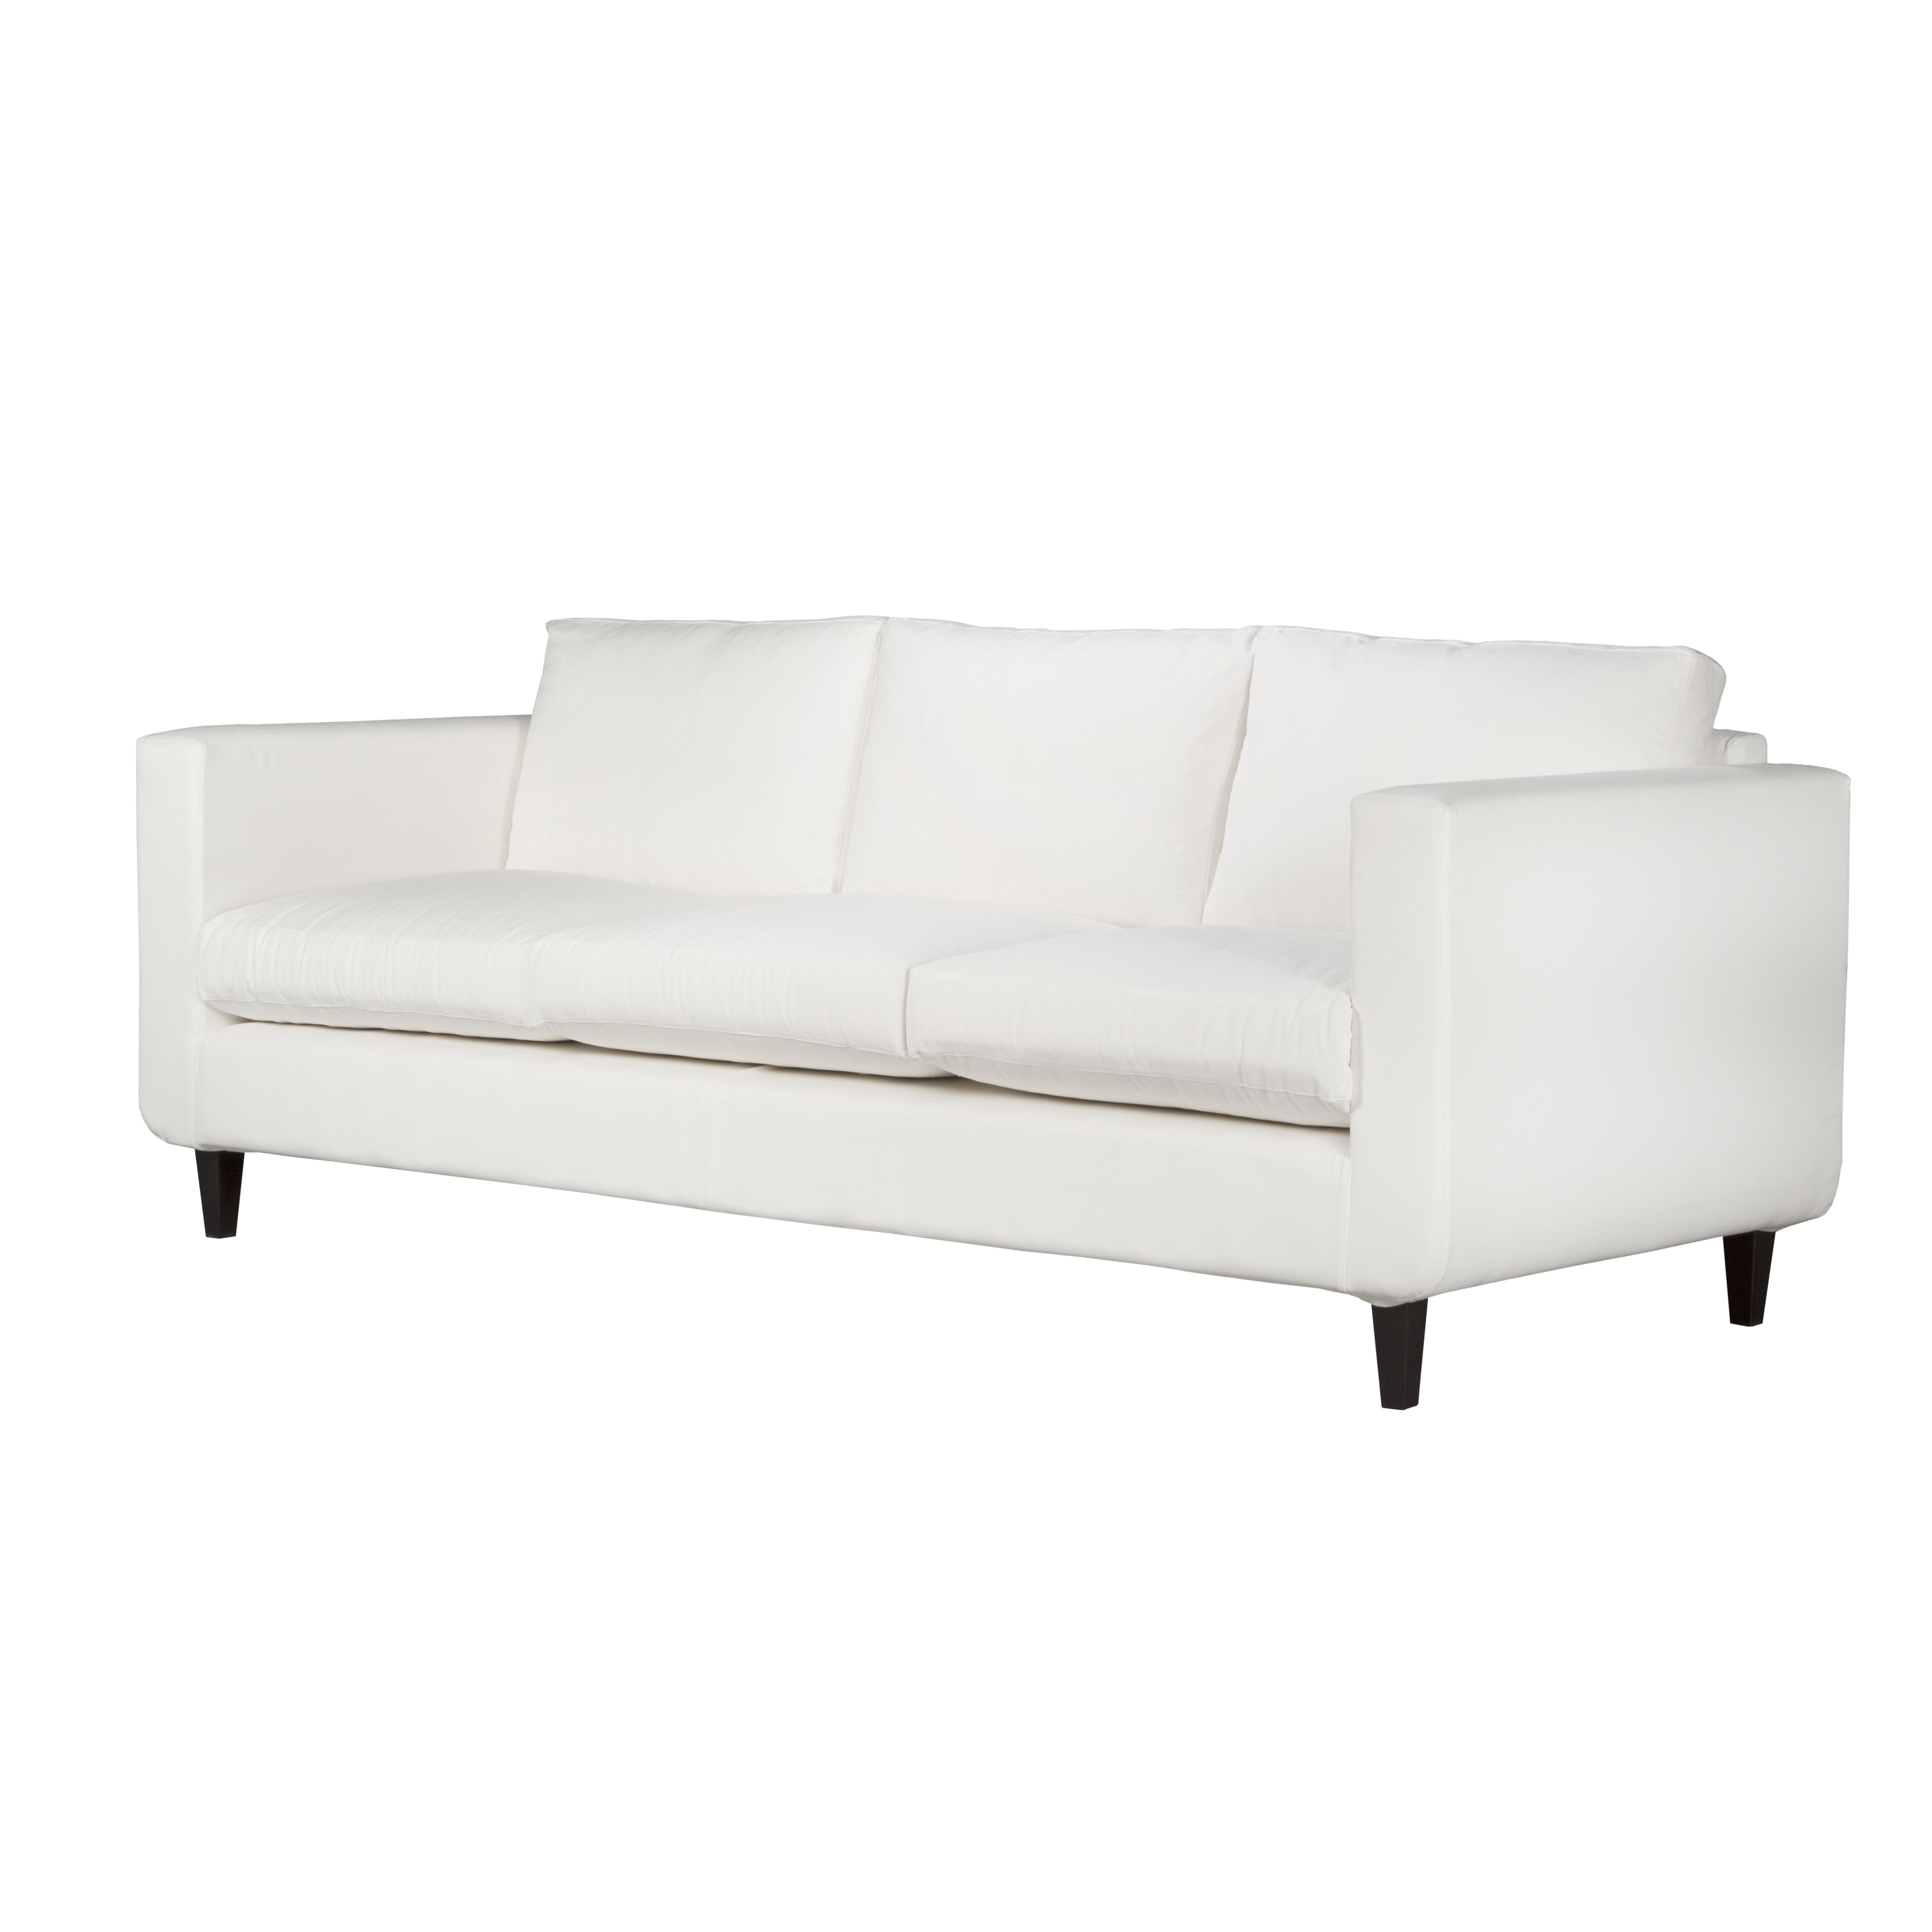 Strömstad soffa 3,5-sits snett framifrån - englesson.se